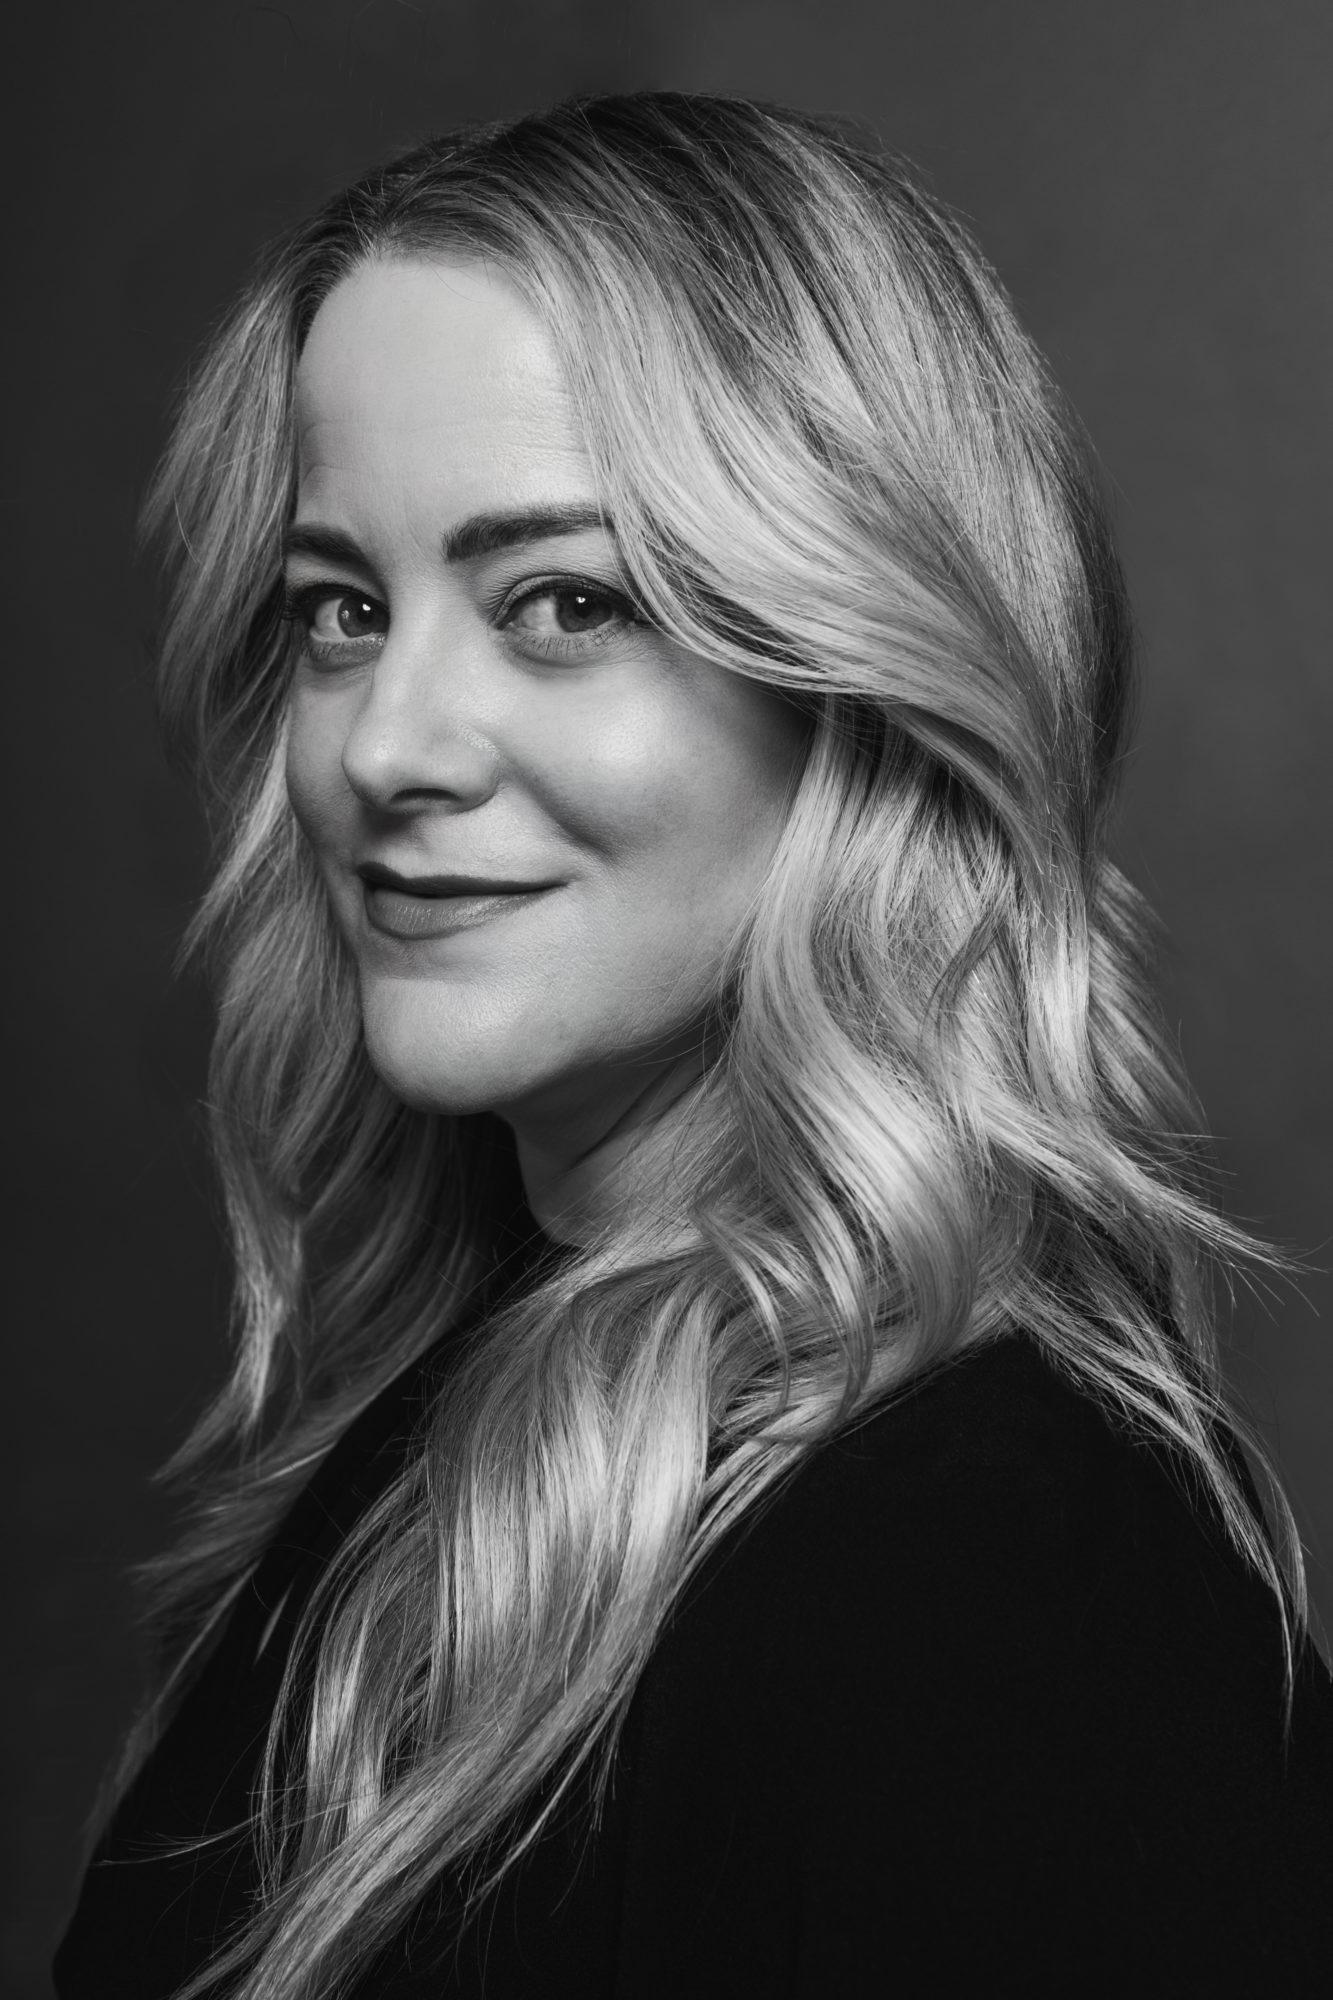 Amanda Price | 2021 40 under 40